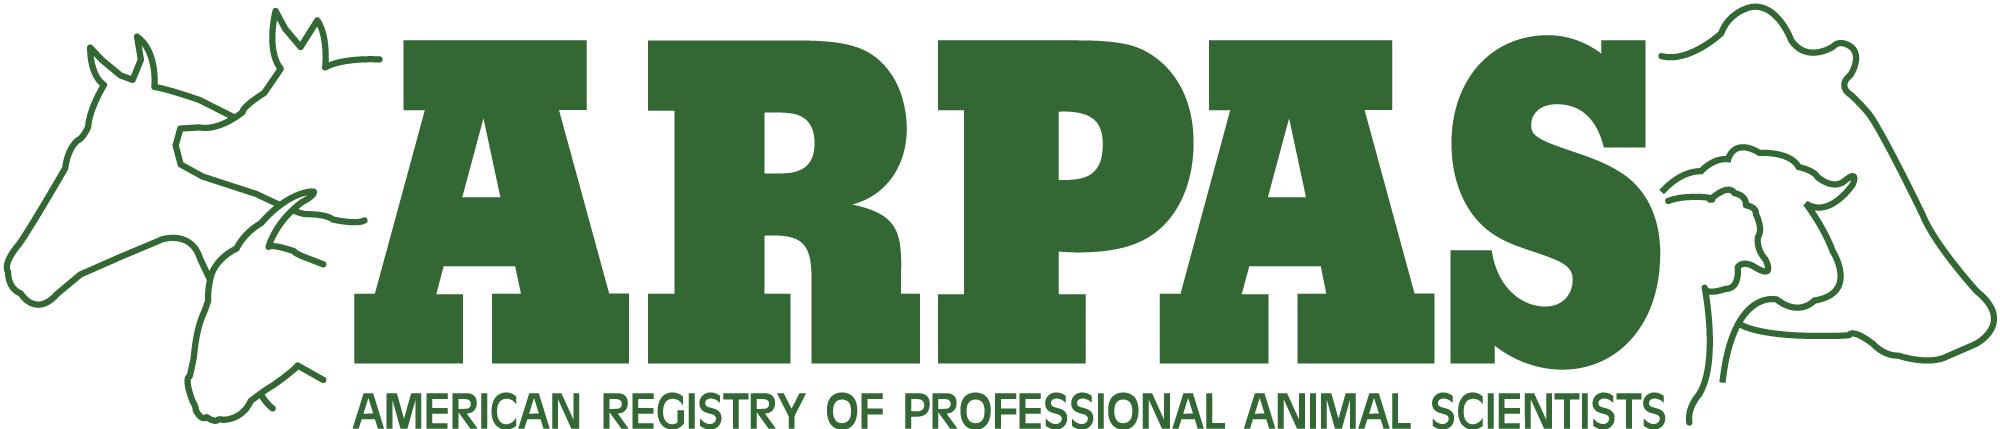 ARPAS_Logo_Green_Transparent-BG_2000x429[2]